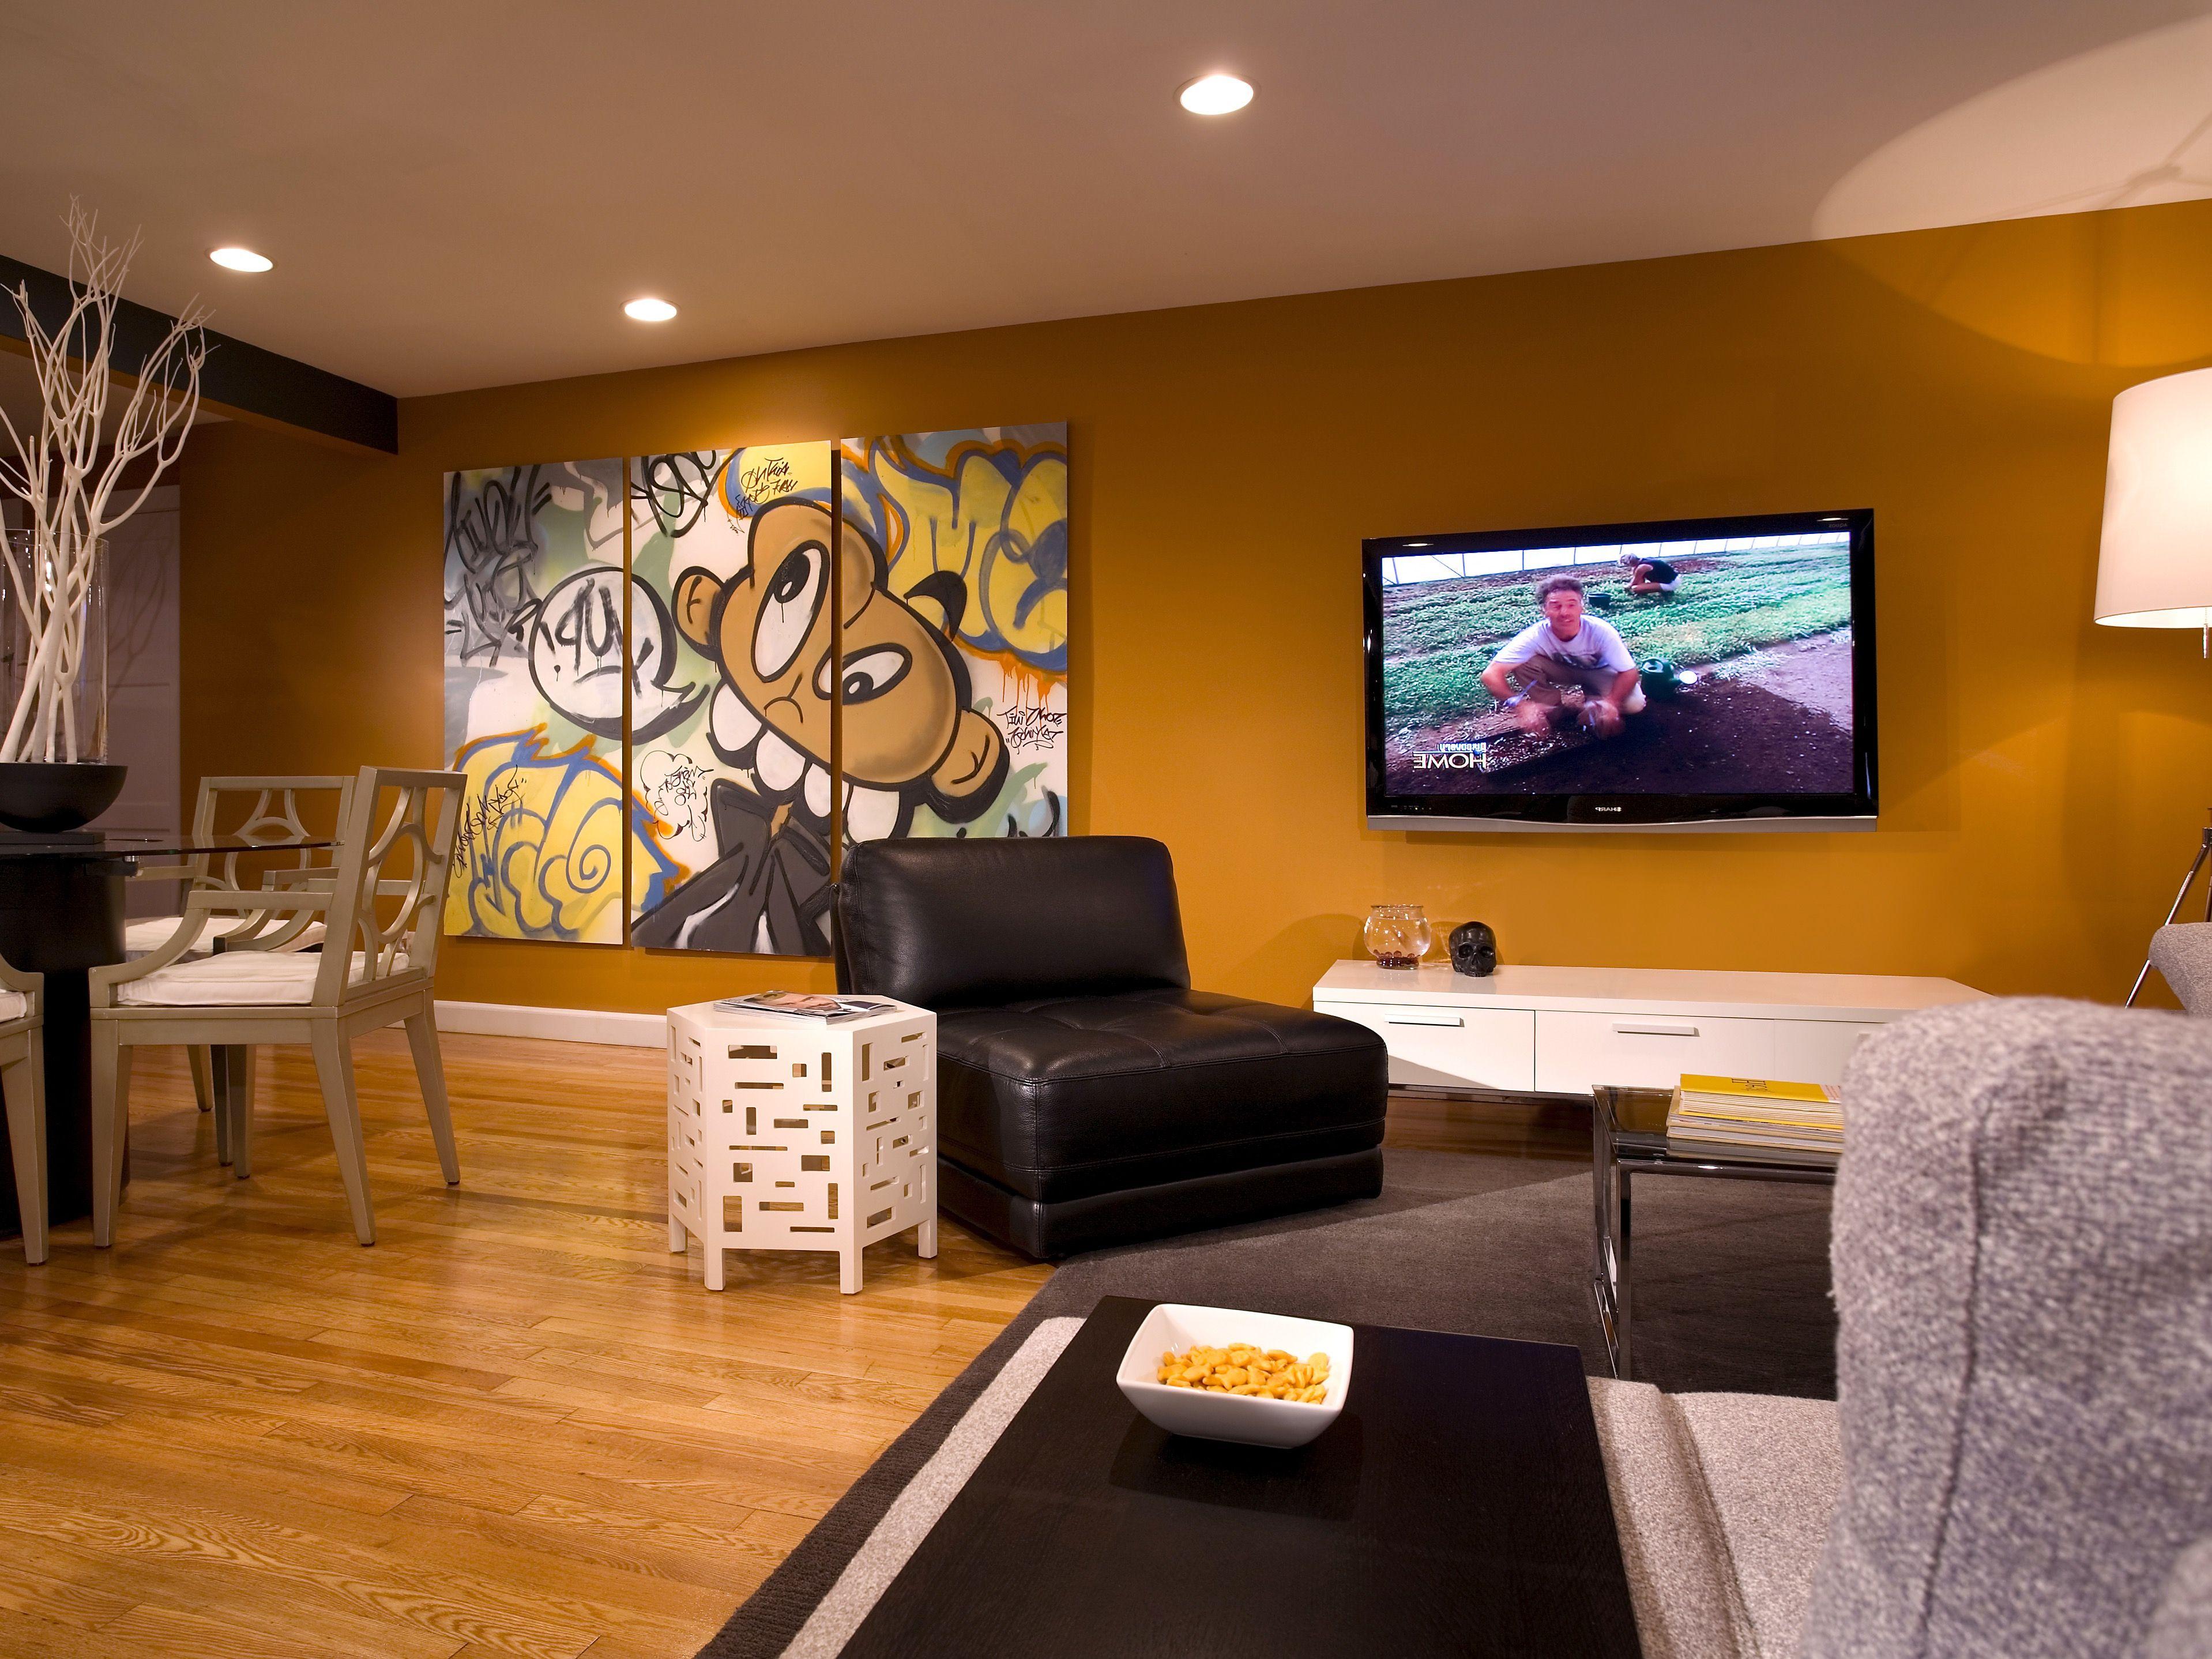 30 Wunderschöne Ideen Für Die Wohnzimmer Wand Dekor #Wohnzimmer